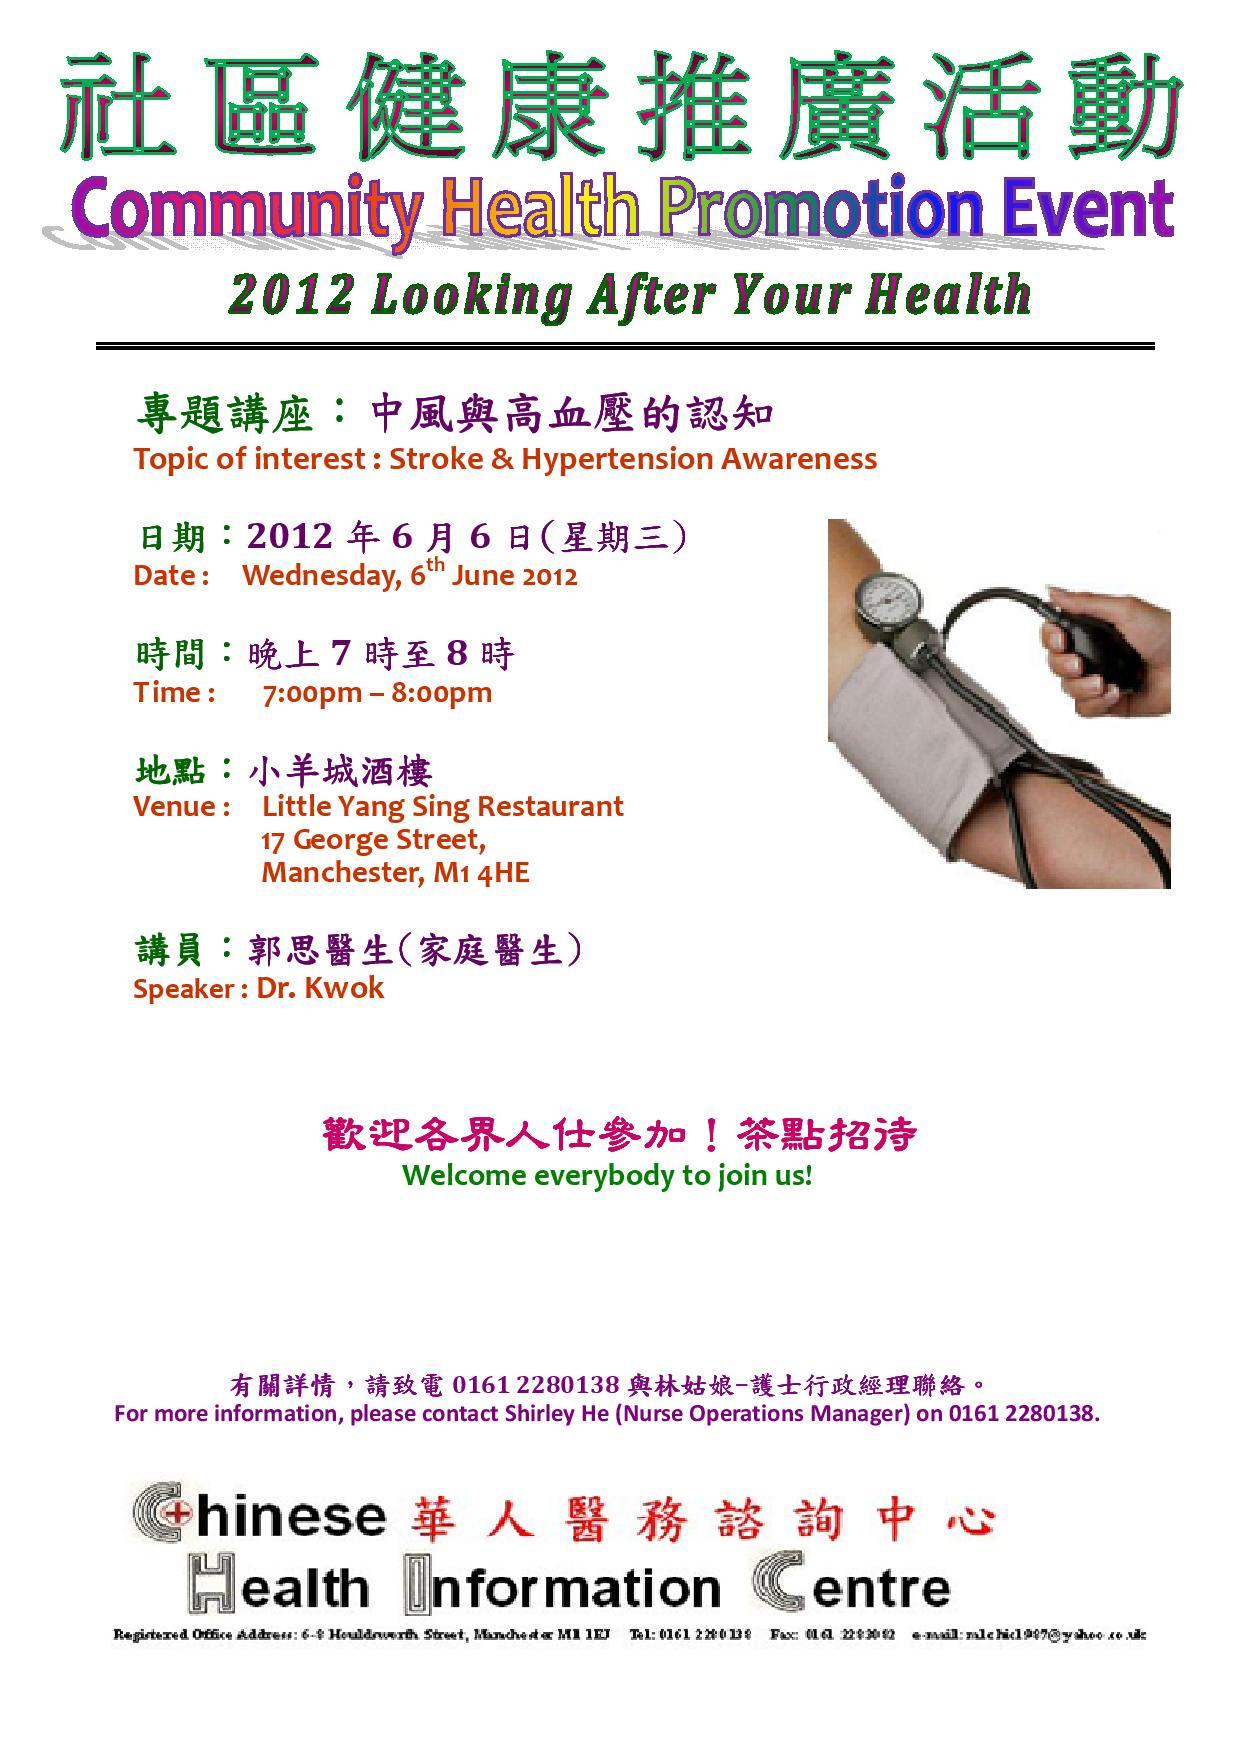 Stroke & Hypertension Awareness